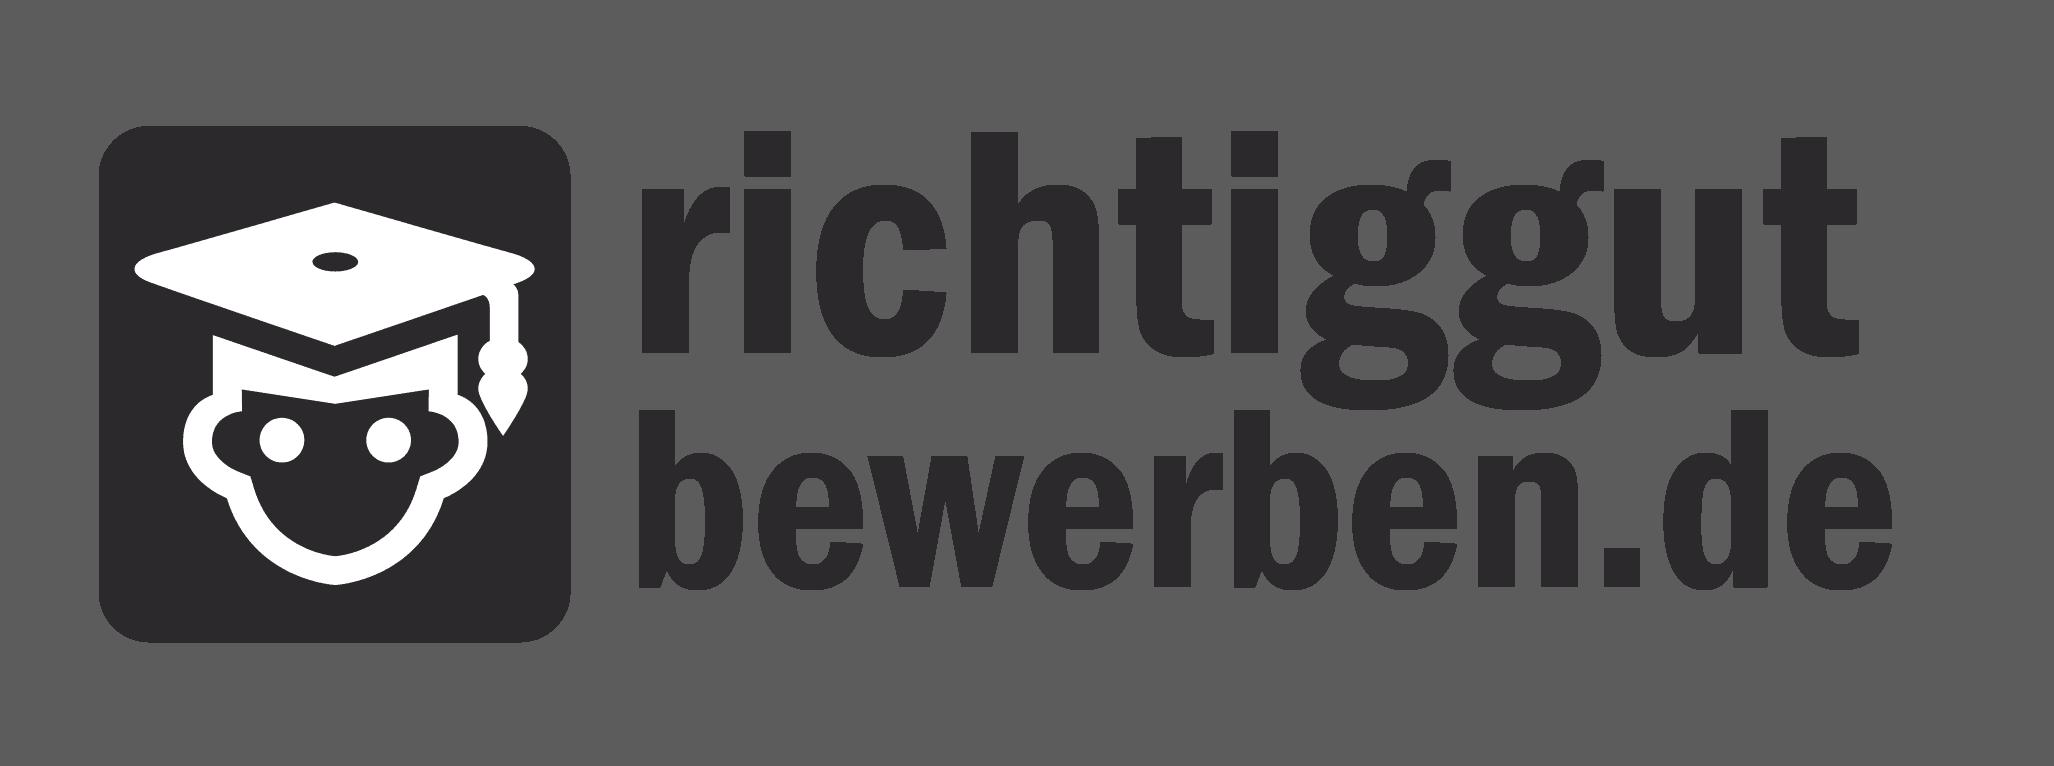 Bewerbung schreiben: Der korrekte Aufbau & Vorlagen | richtiggutbewerben.de